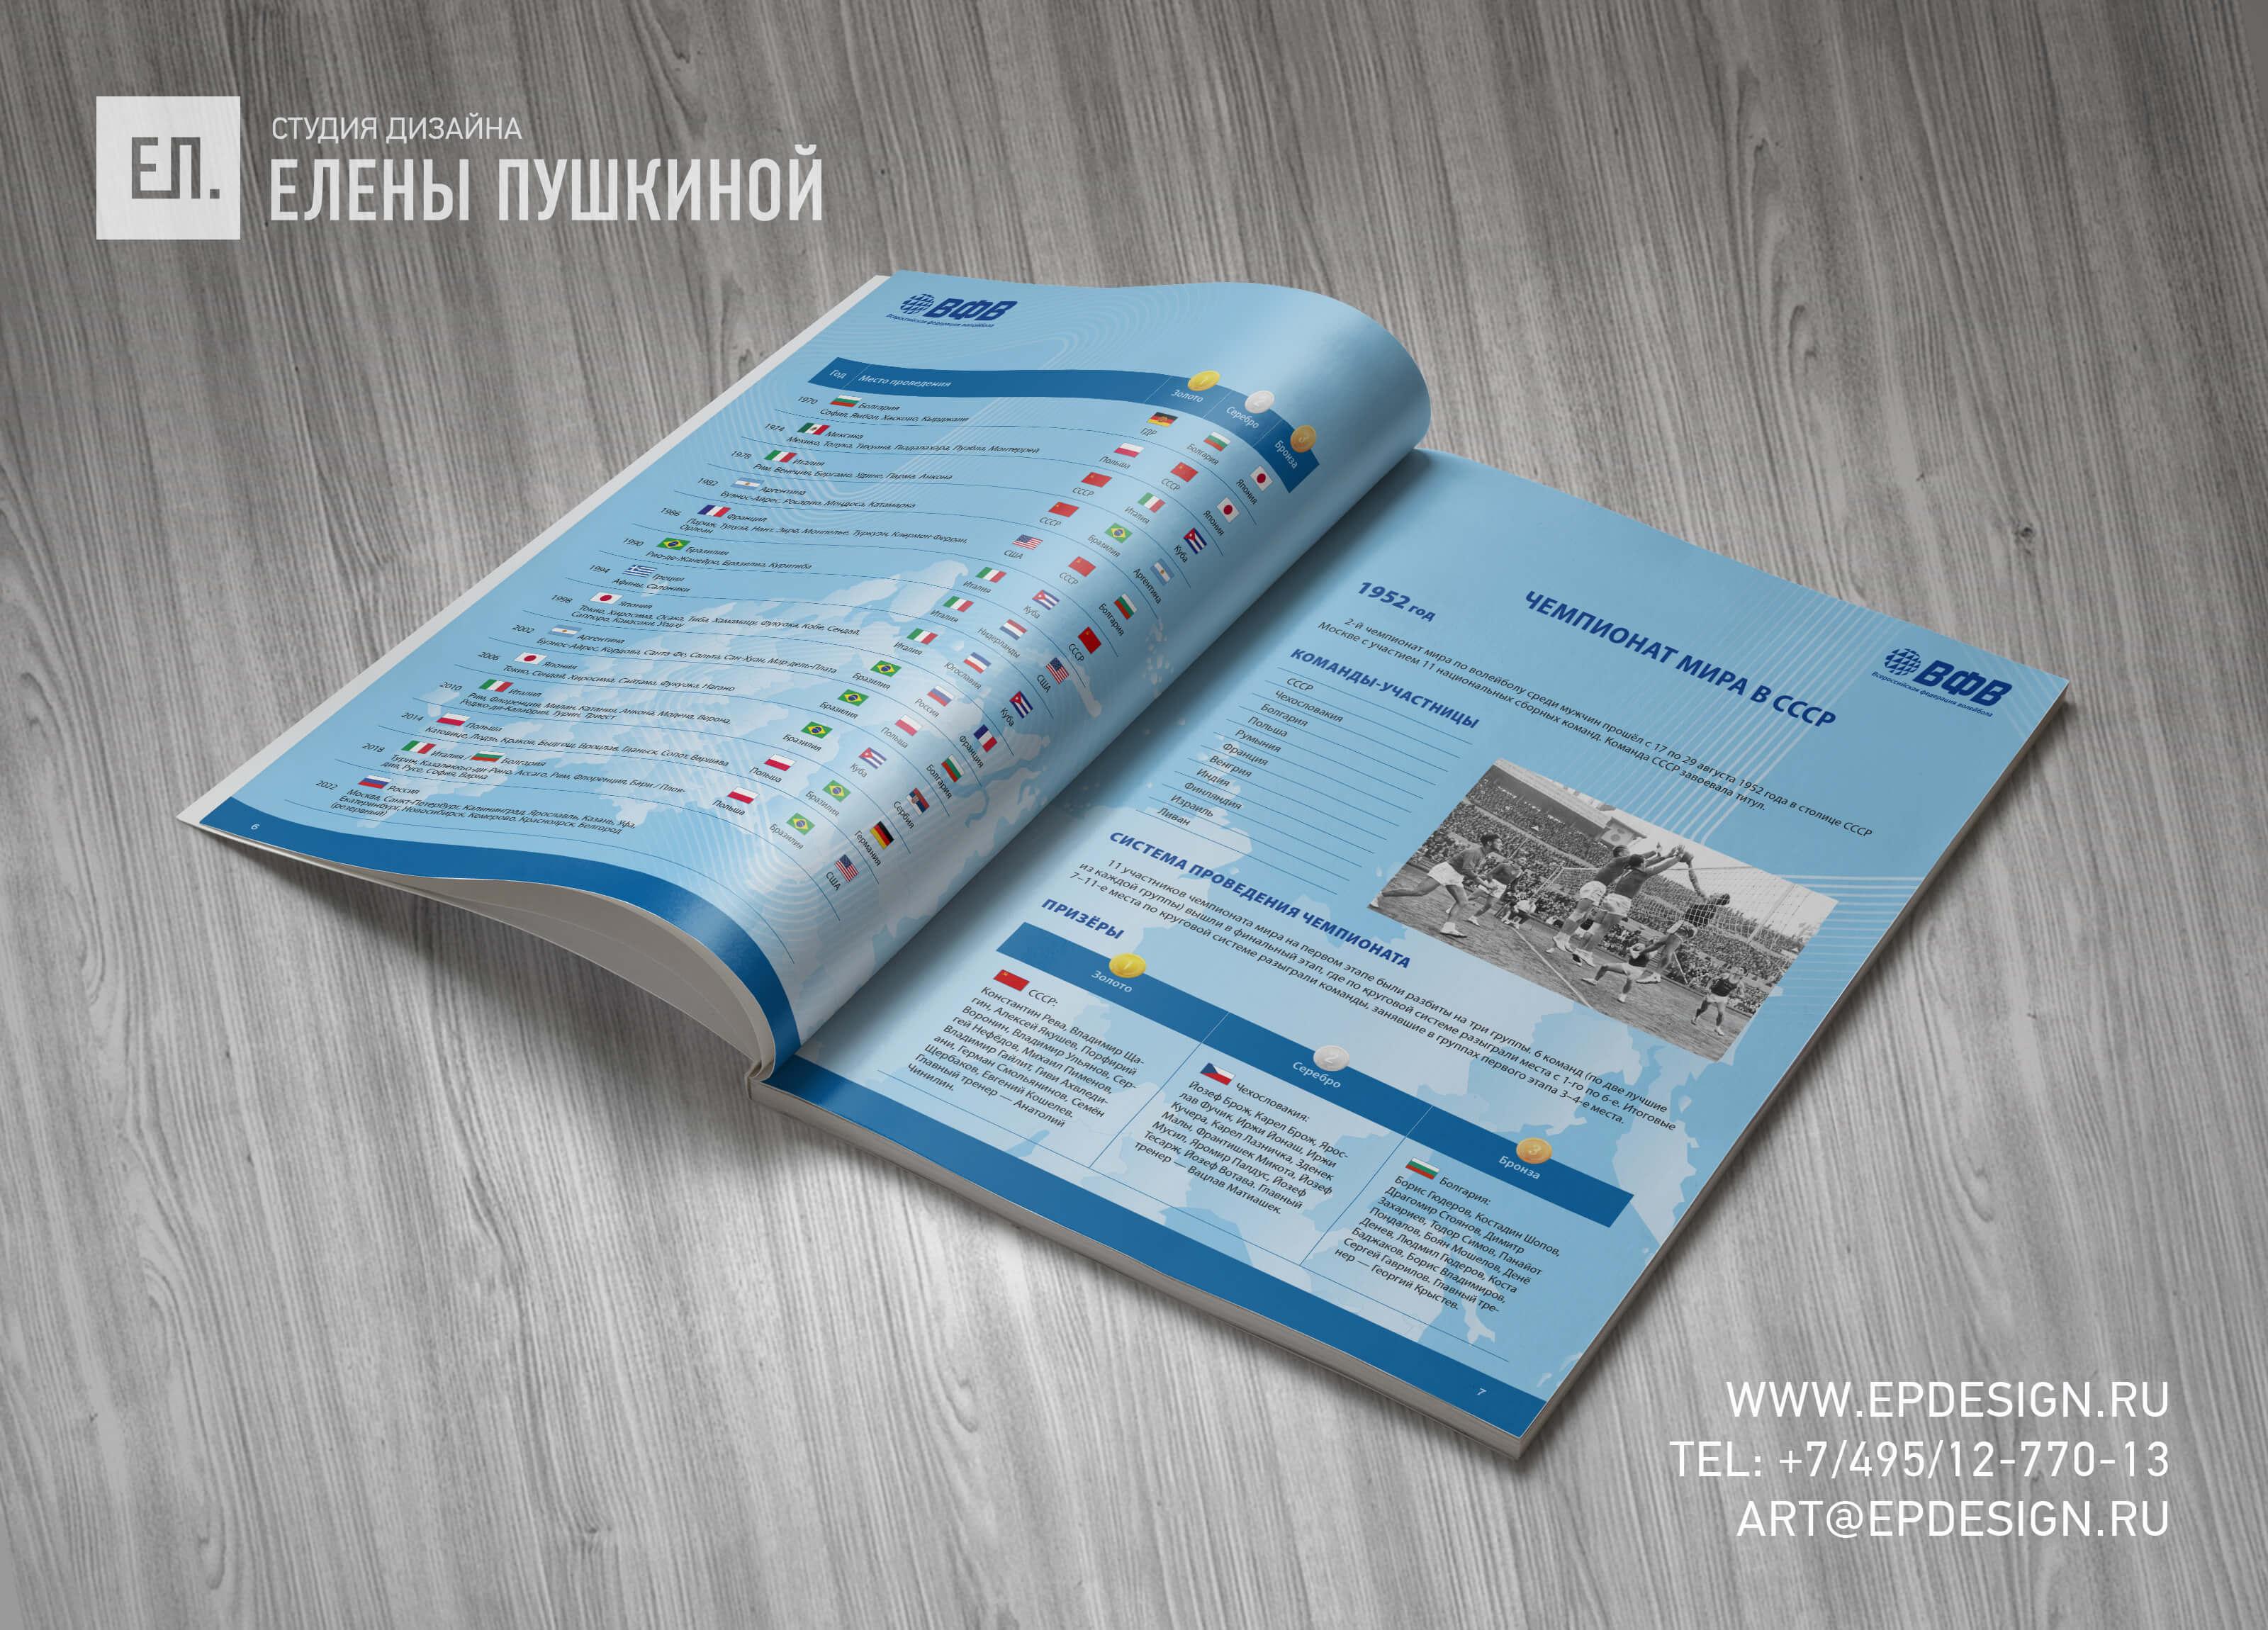 Буклет ВФВ «Волейбол. Чемпионат Мира 2022. Россия»— разработка дизайна с«нуля» ивёрстка брошюры Дизайн брошюр, буклетов Портфолио